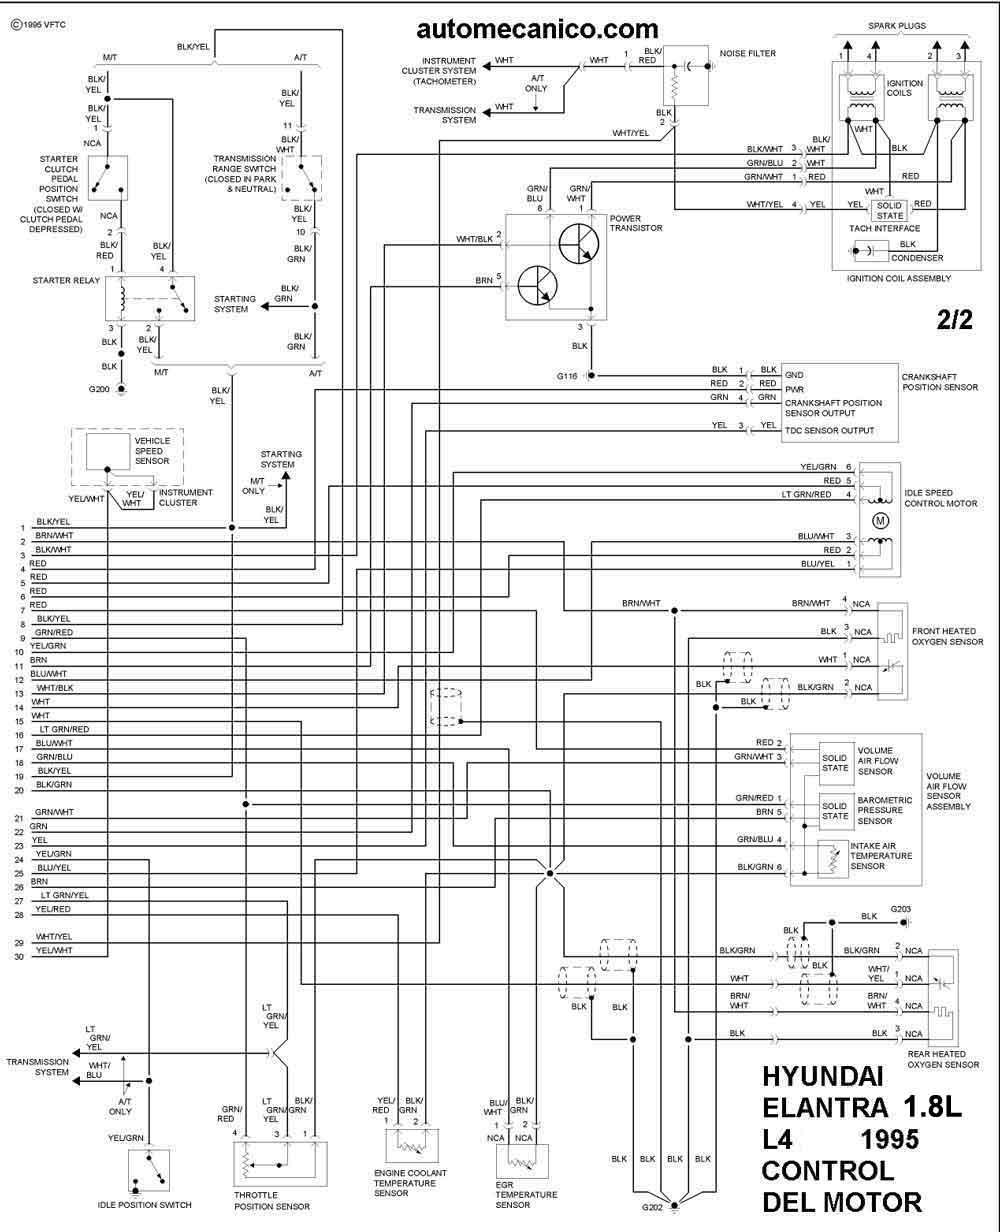 hyundai -1995 - diagramas control del motor